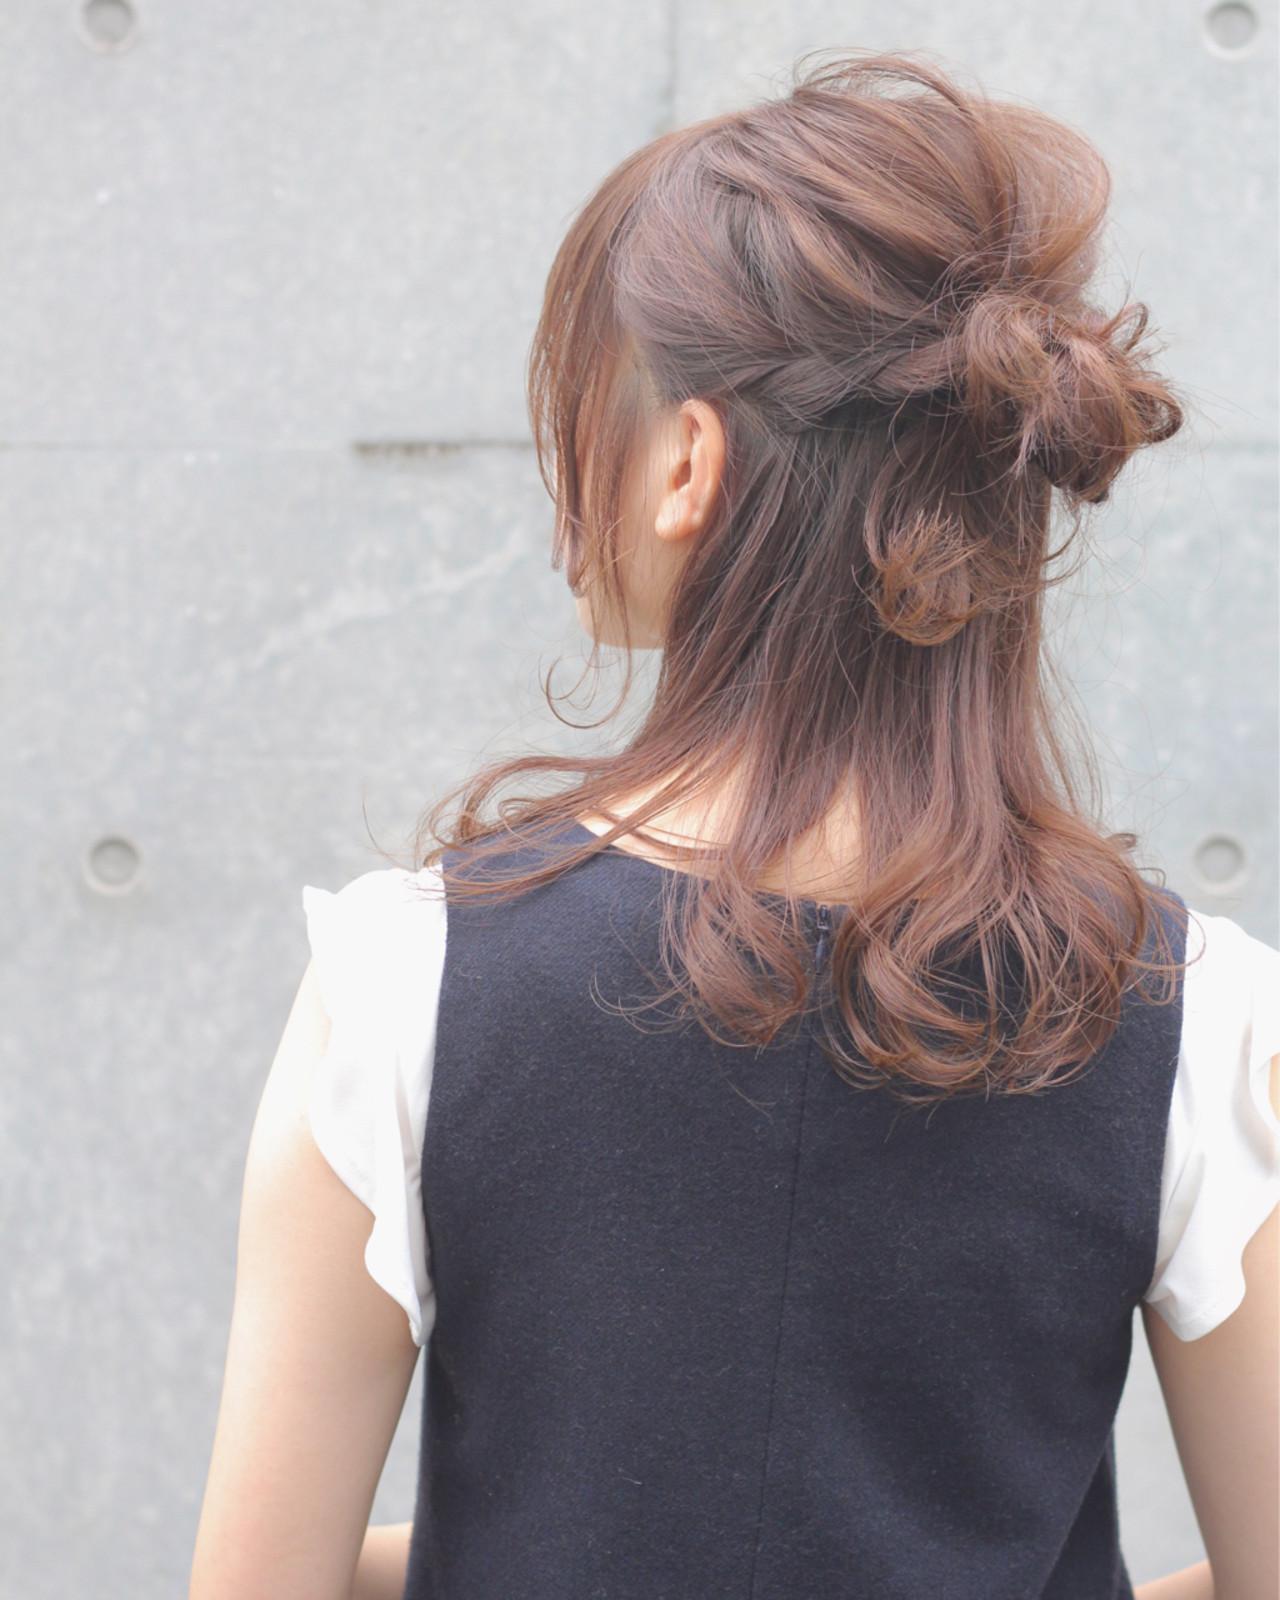 ミディアム デート 夏 涼しげ ヘアスタイルや髪型の写真・画像